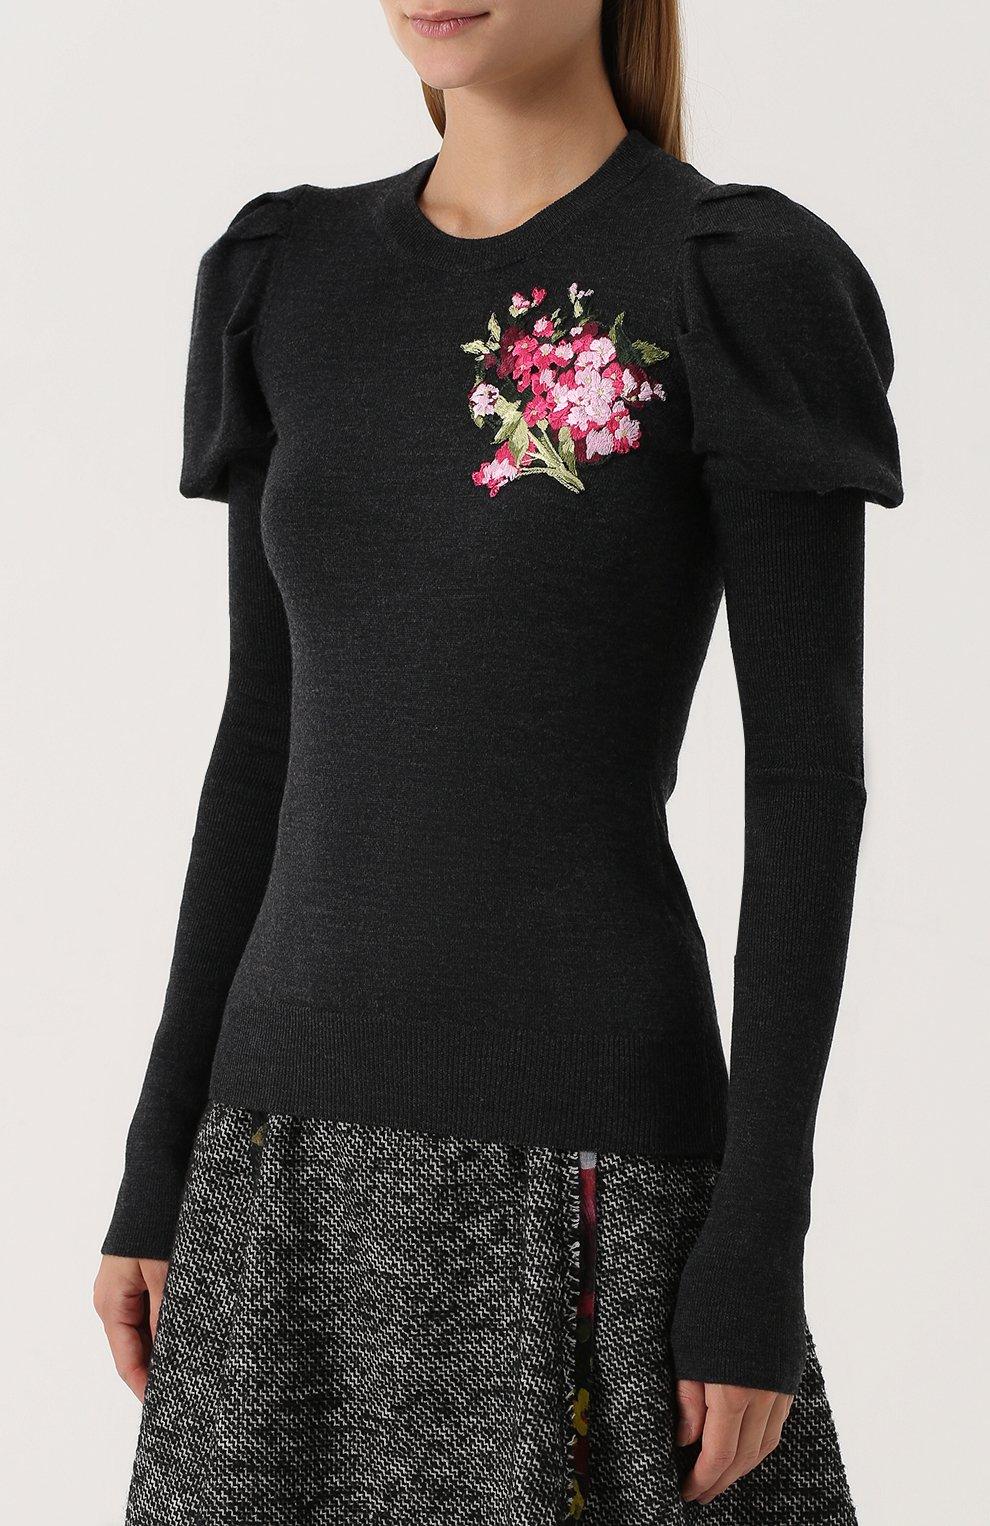 Шерстяной пуловер с цветочной вышивкой Dolce & Gabbana темно-серый | Фото №3